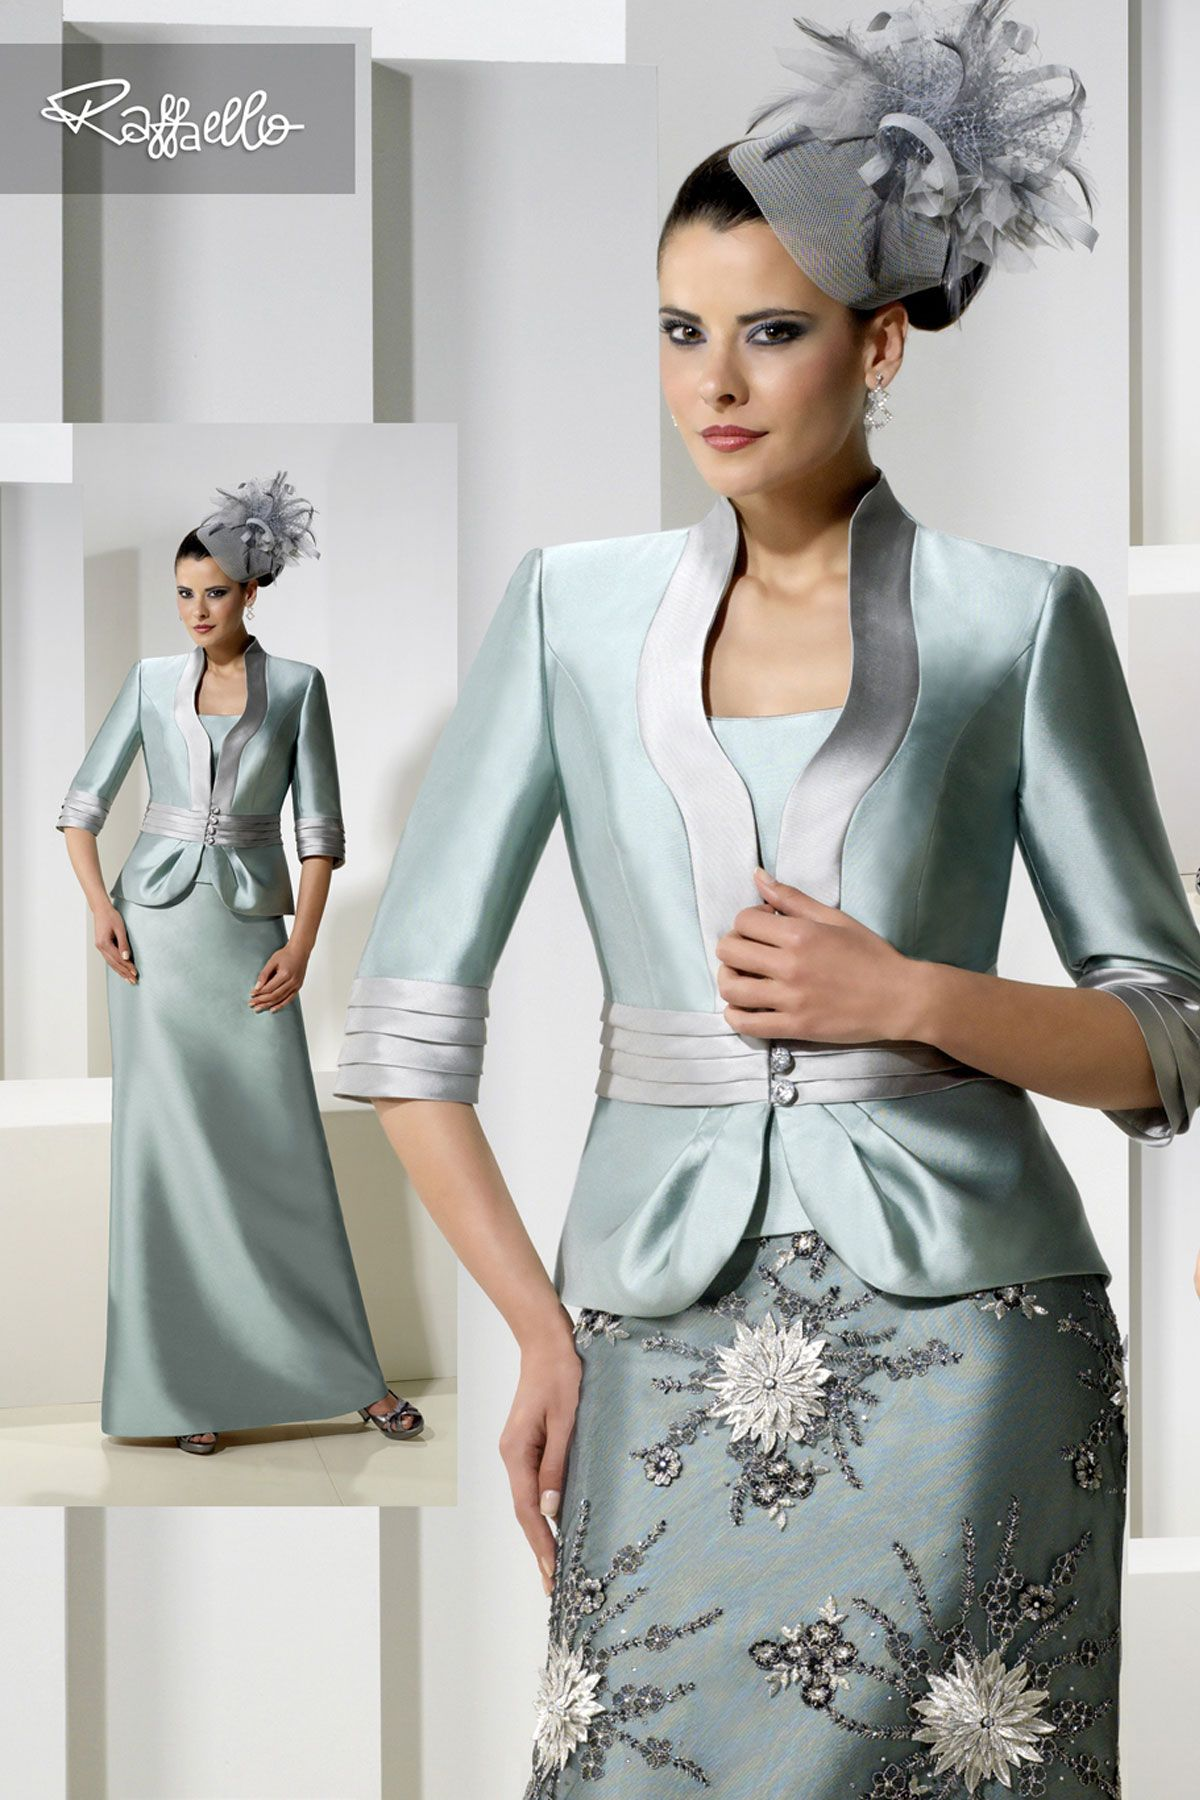 #Madrina, ¿Cuál es el mejor vestido para ti? Un especial para las que tenéis en puertas recibir ese honor de ser la madrina de una boda. Descubre nuestros pequeños consejos y triunfa con tu look